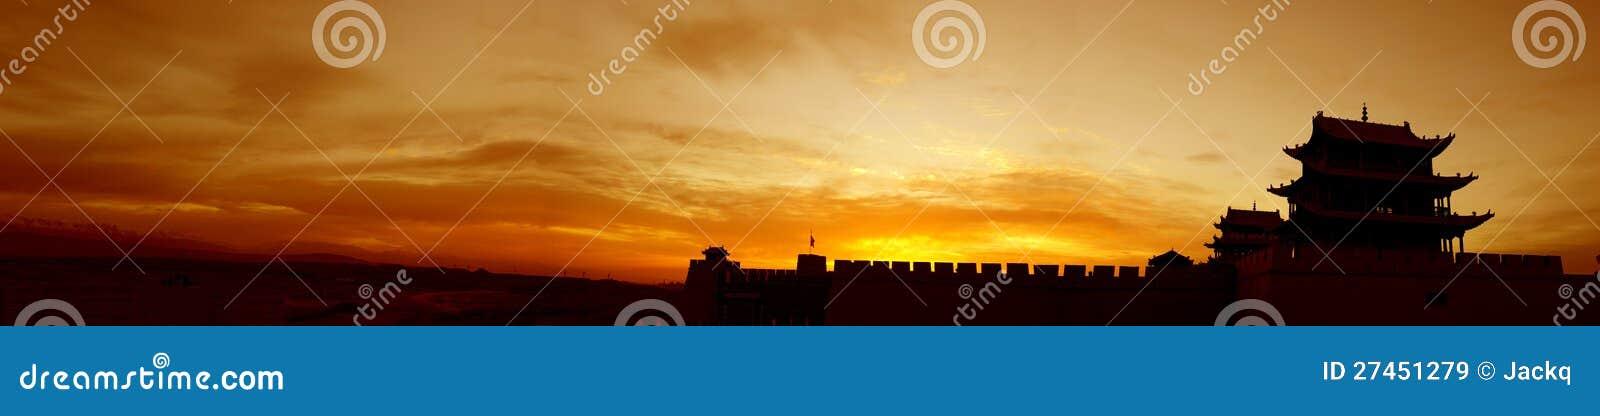 Zonsopgang van de Toren van de Pas Jiayuguan